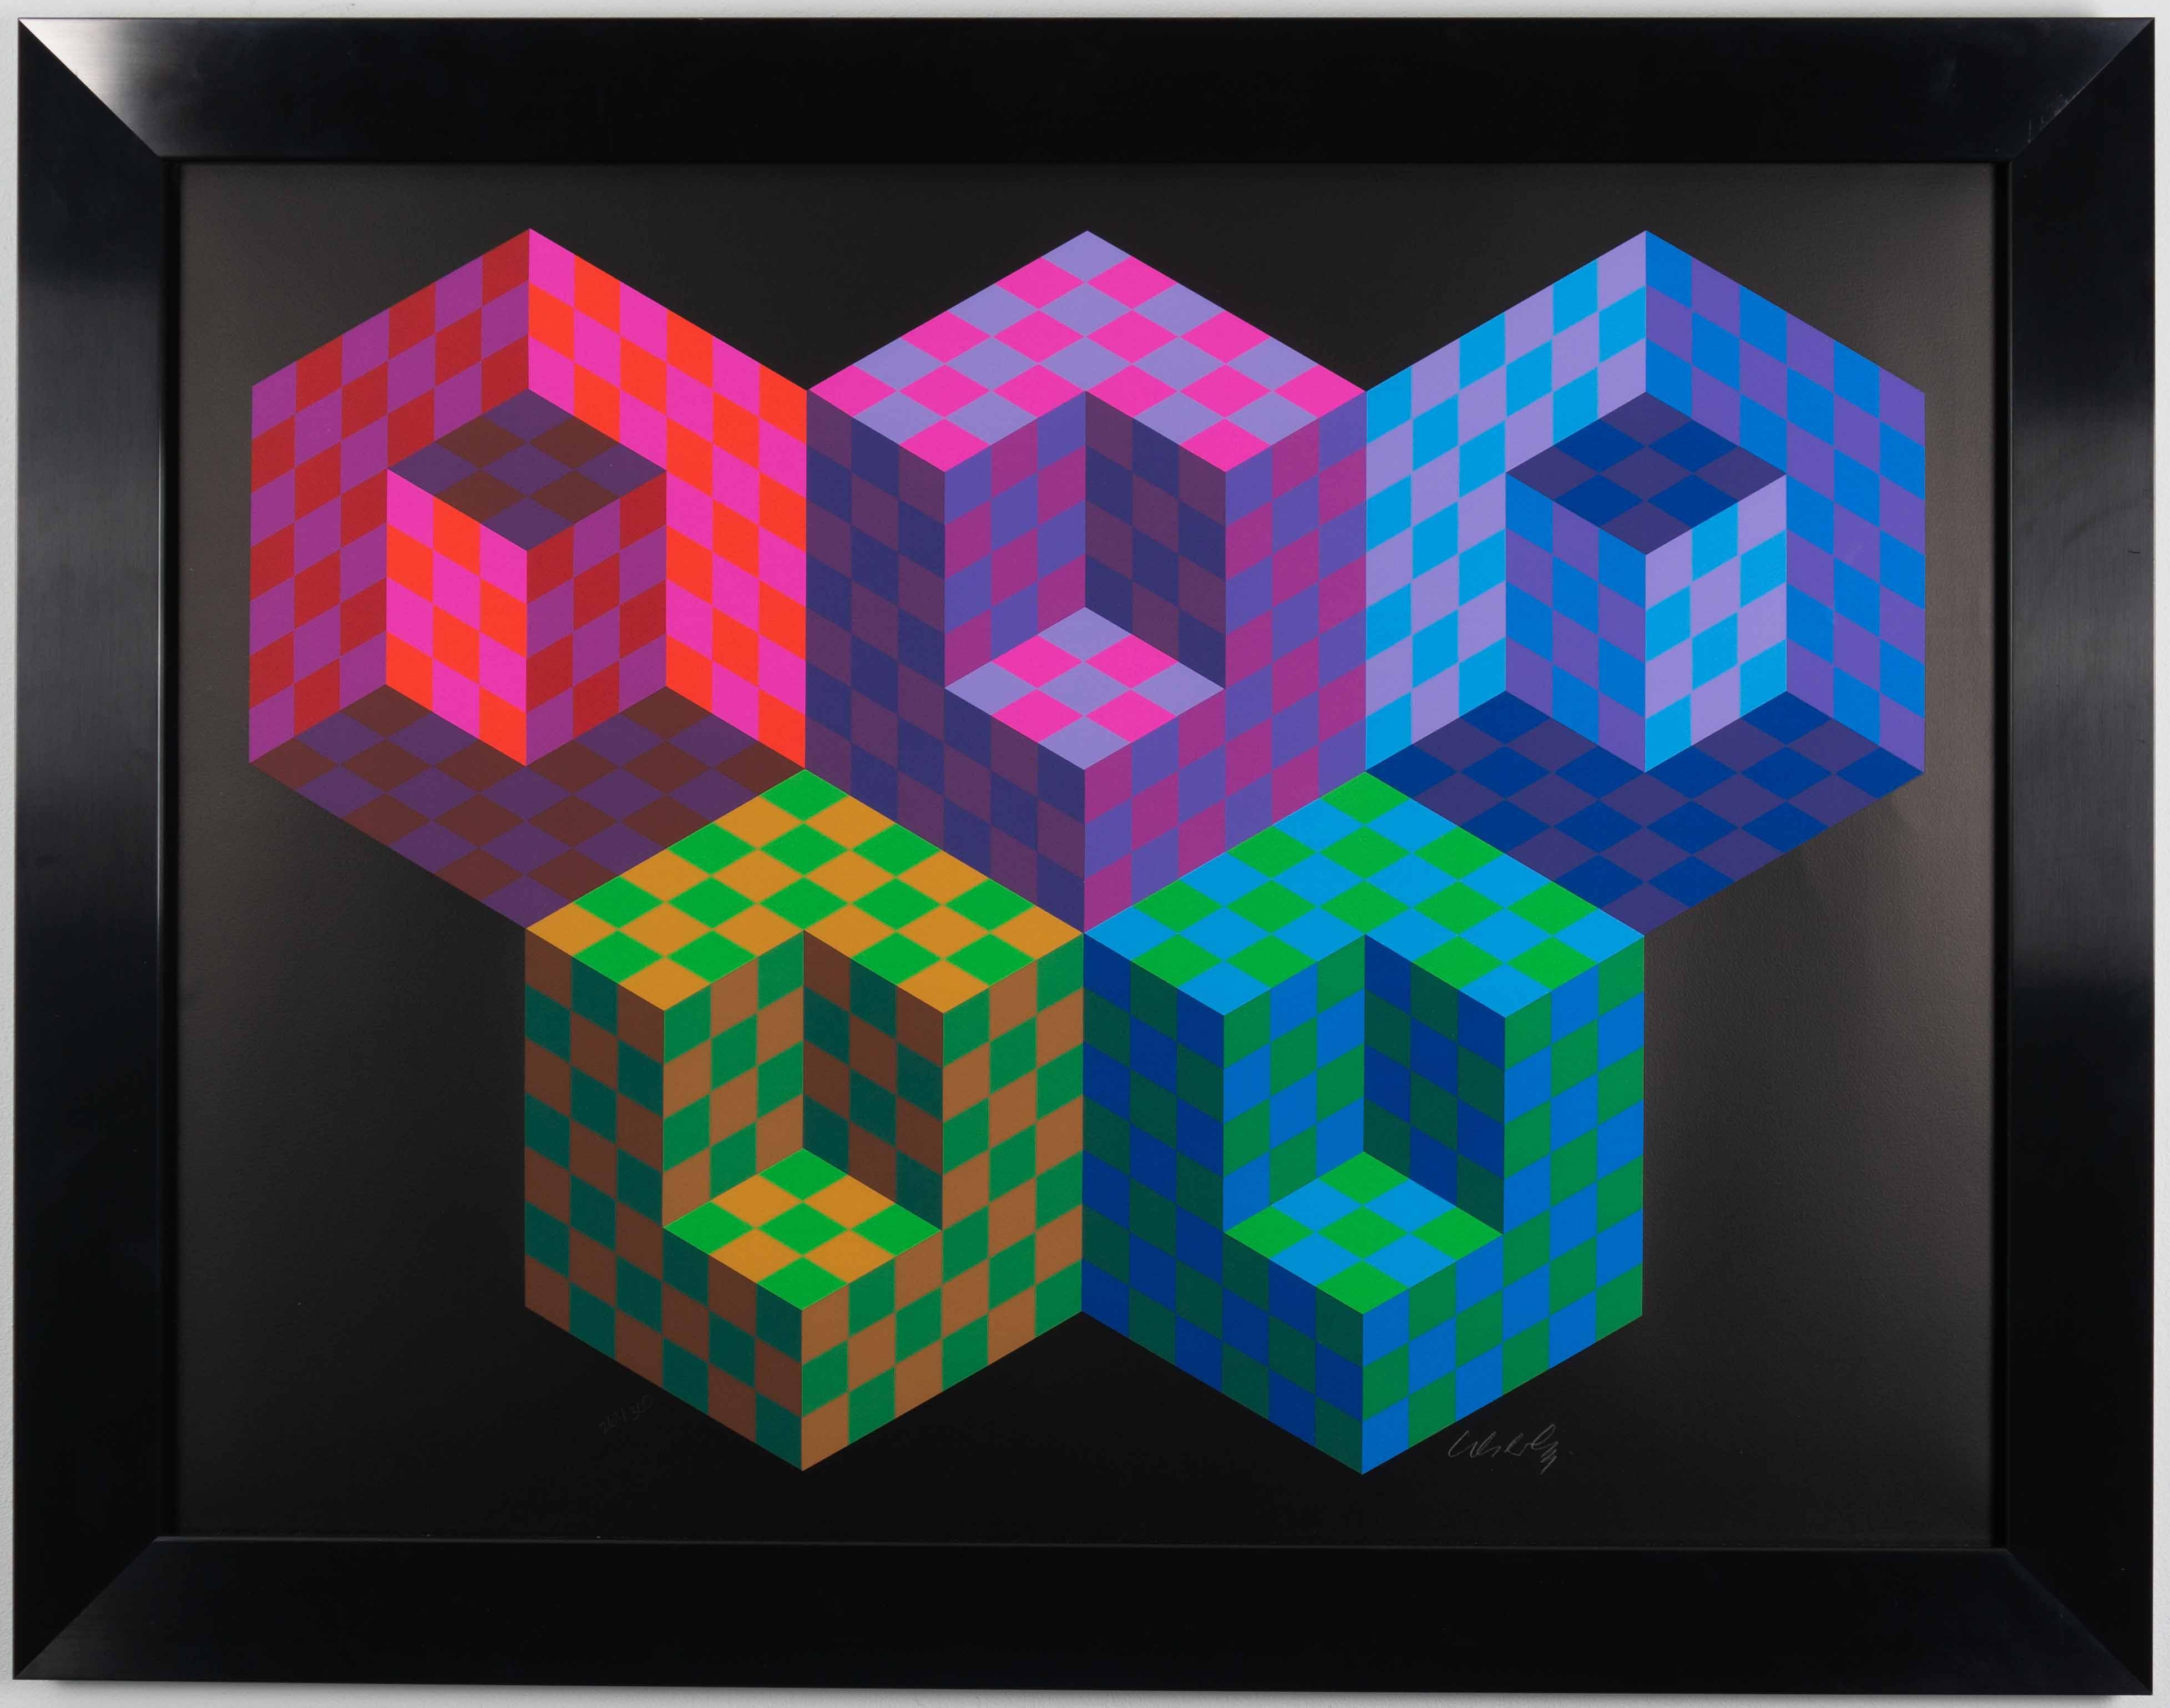 Victor Vaserely - Hexa 5 - framed 14-09-2019 exp (1 van 2)